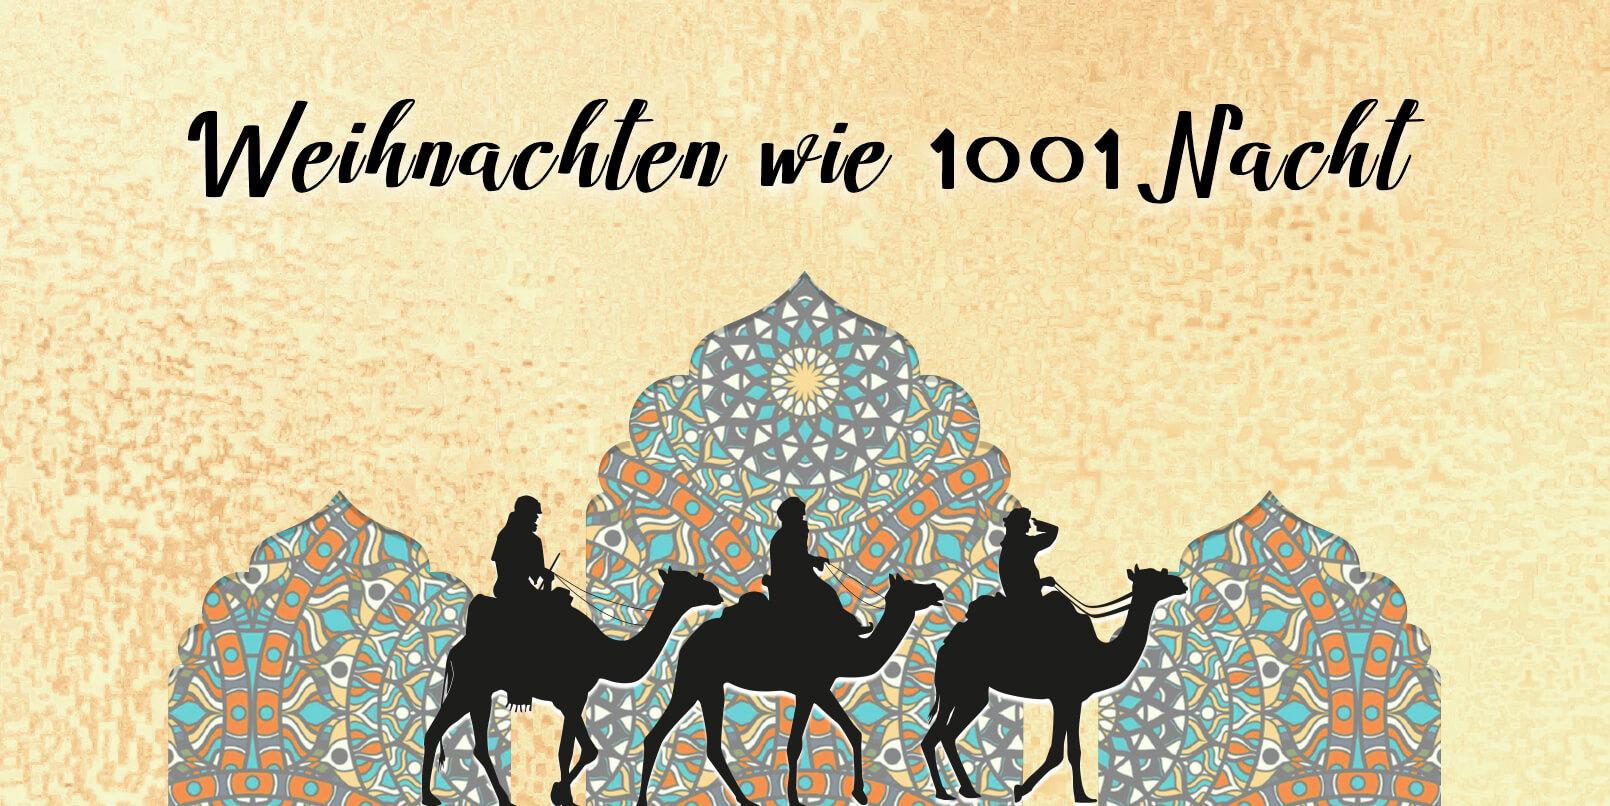 Weihnachtsprogramm in Landshut